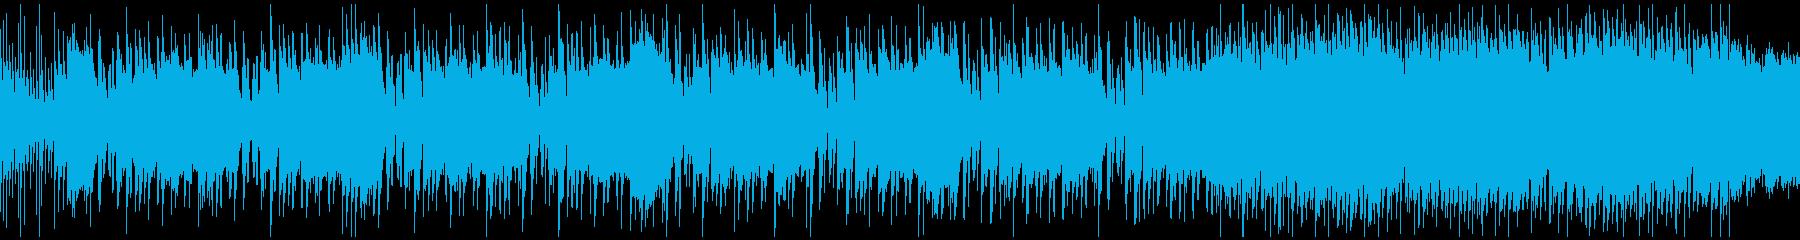 【アツく激しく/ロック/メタル/ギター】の再生済みの波形